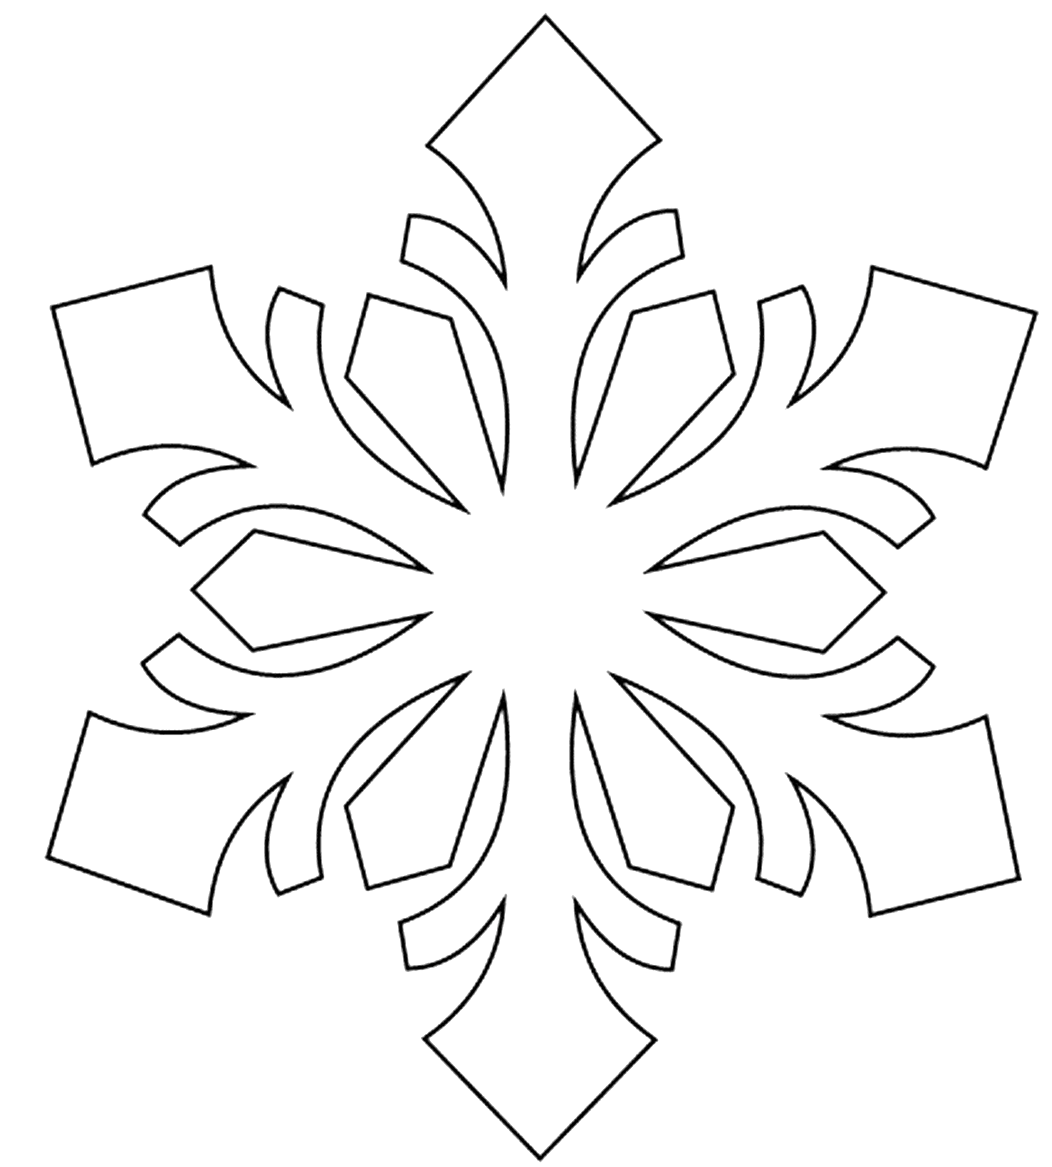 Украшения на окна на Новый год: подборка идей